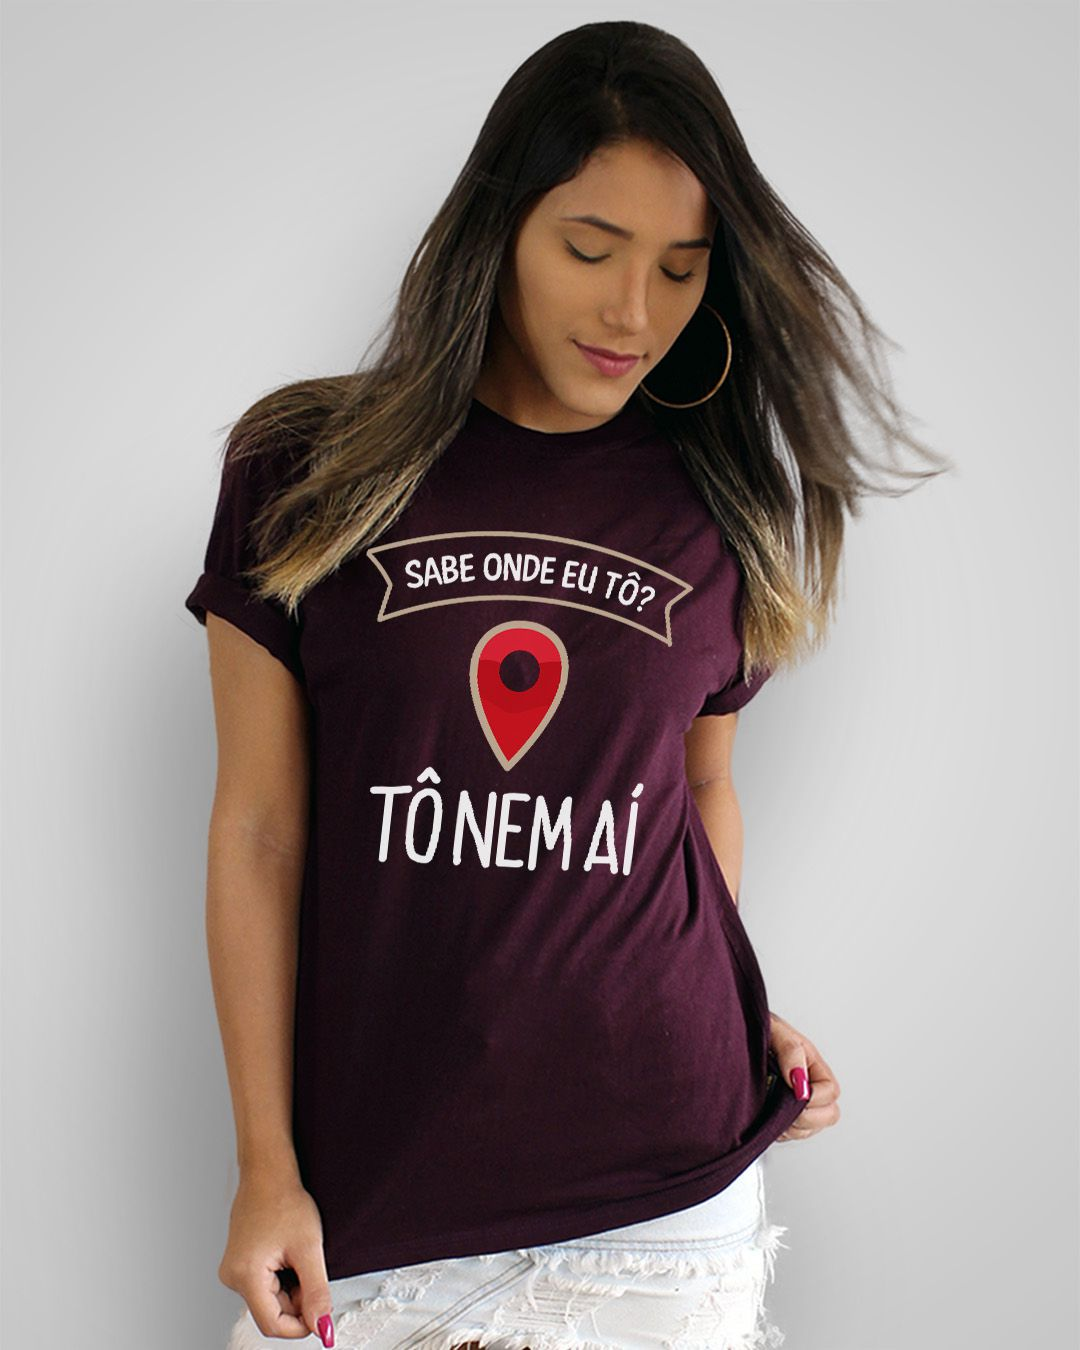 Camiseta Sabe onde eu tô? Tô nem aí!